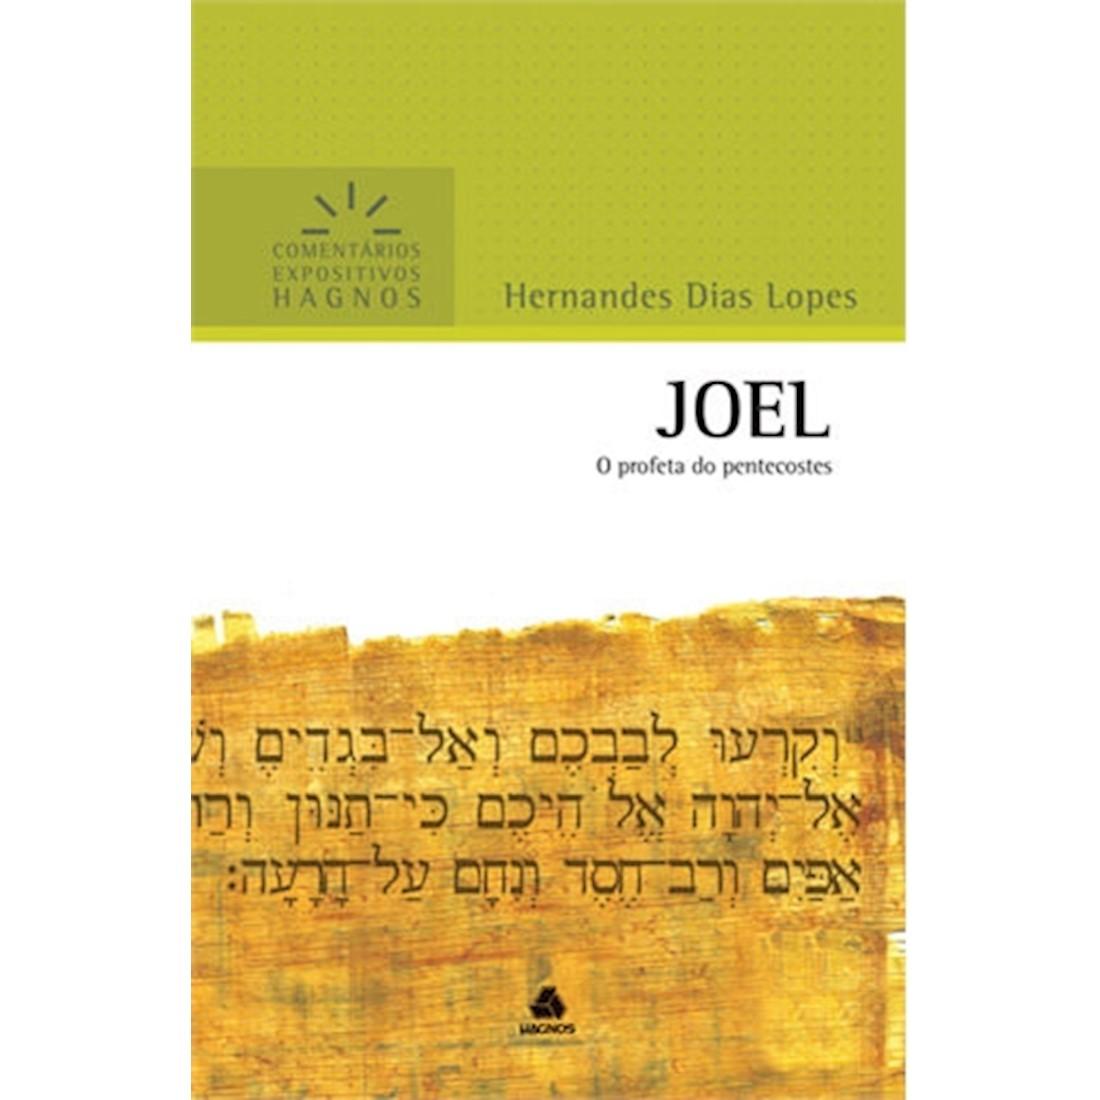 Livro Joel | Comentários Expositivos Hagnos